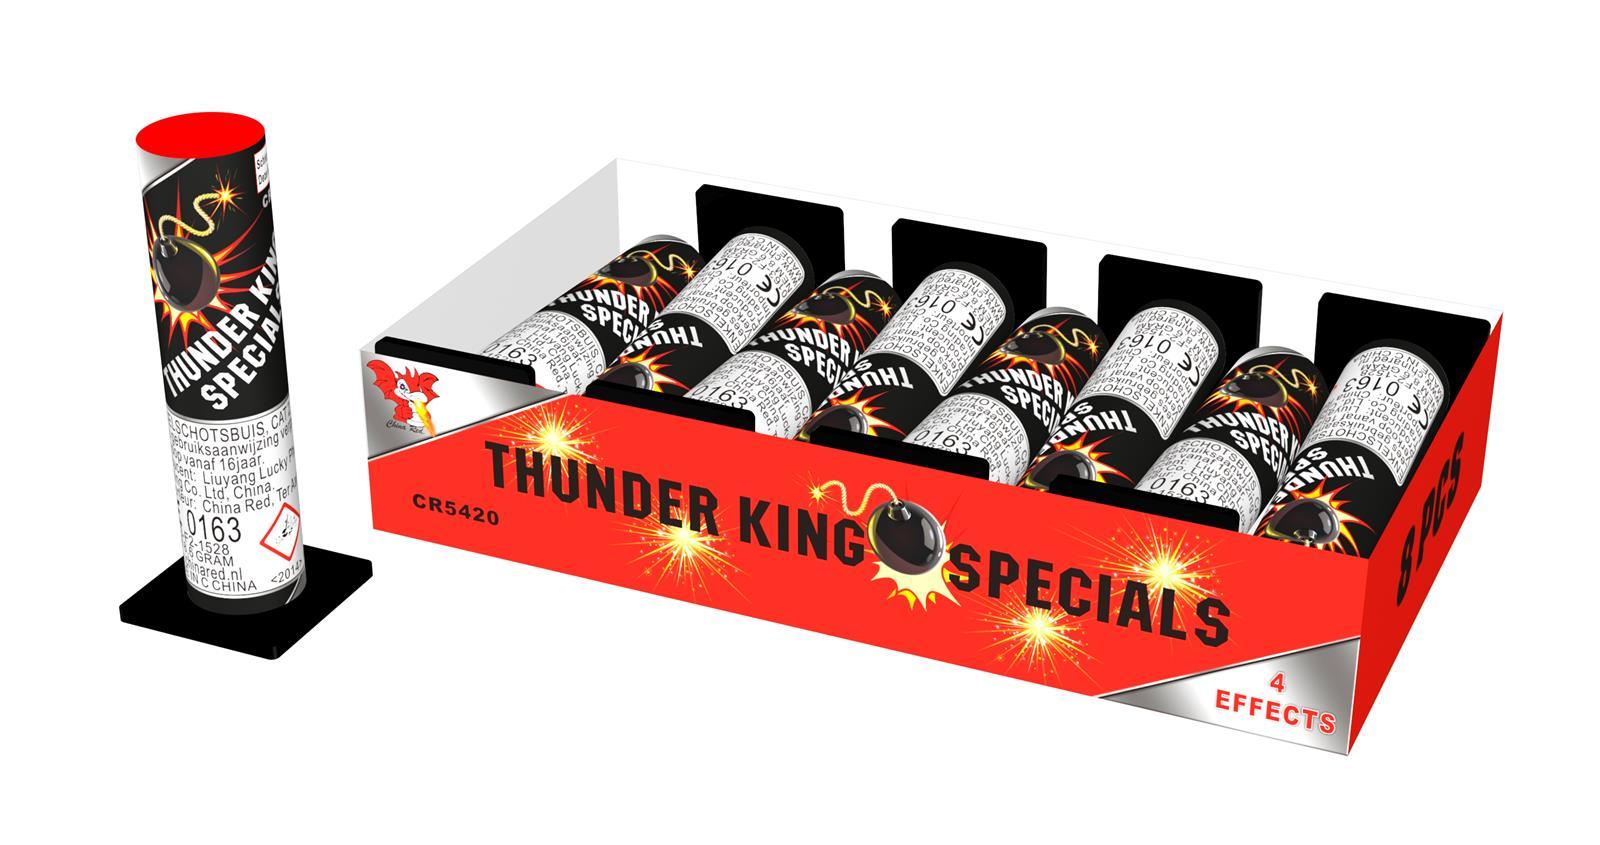 Thunder King Specials (8 stuks)